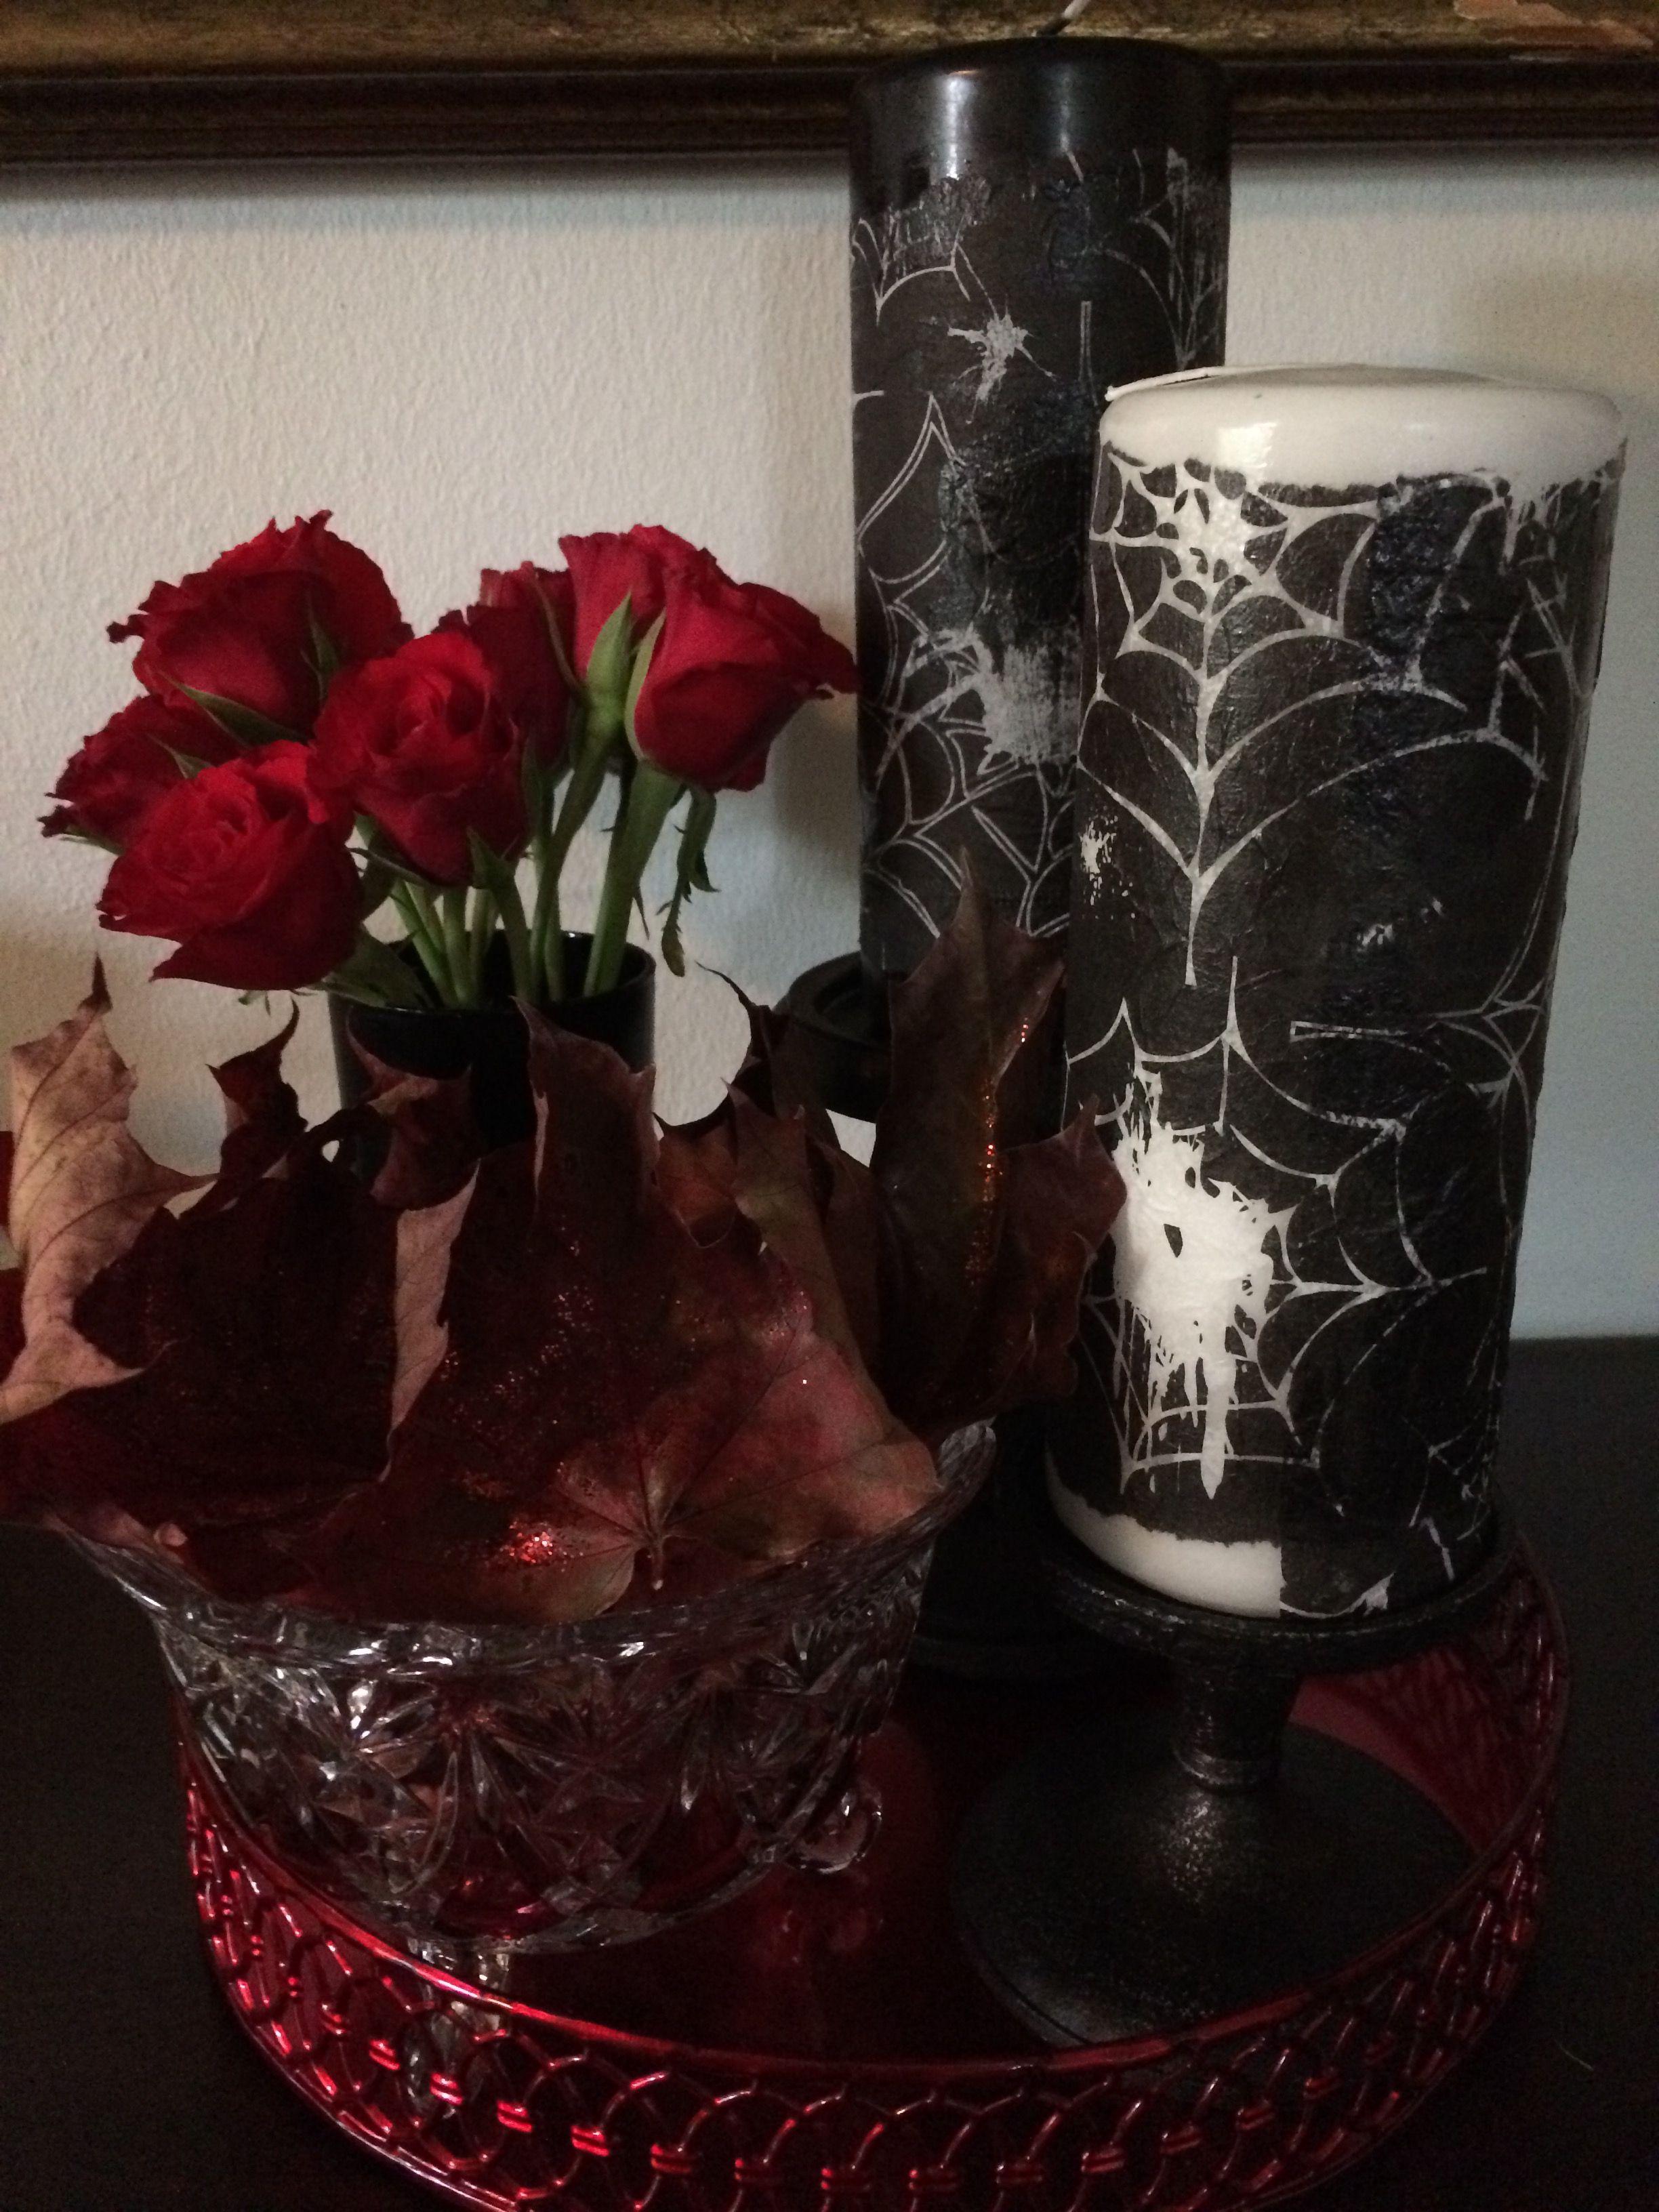 Den viktorianske halloween med røde detaljer i form af en bakke, røde roser og røde efterårsblade er bare så skøn.